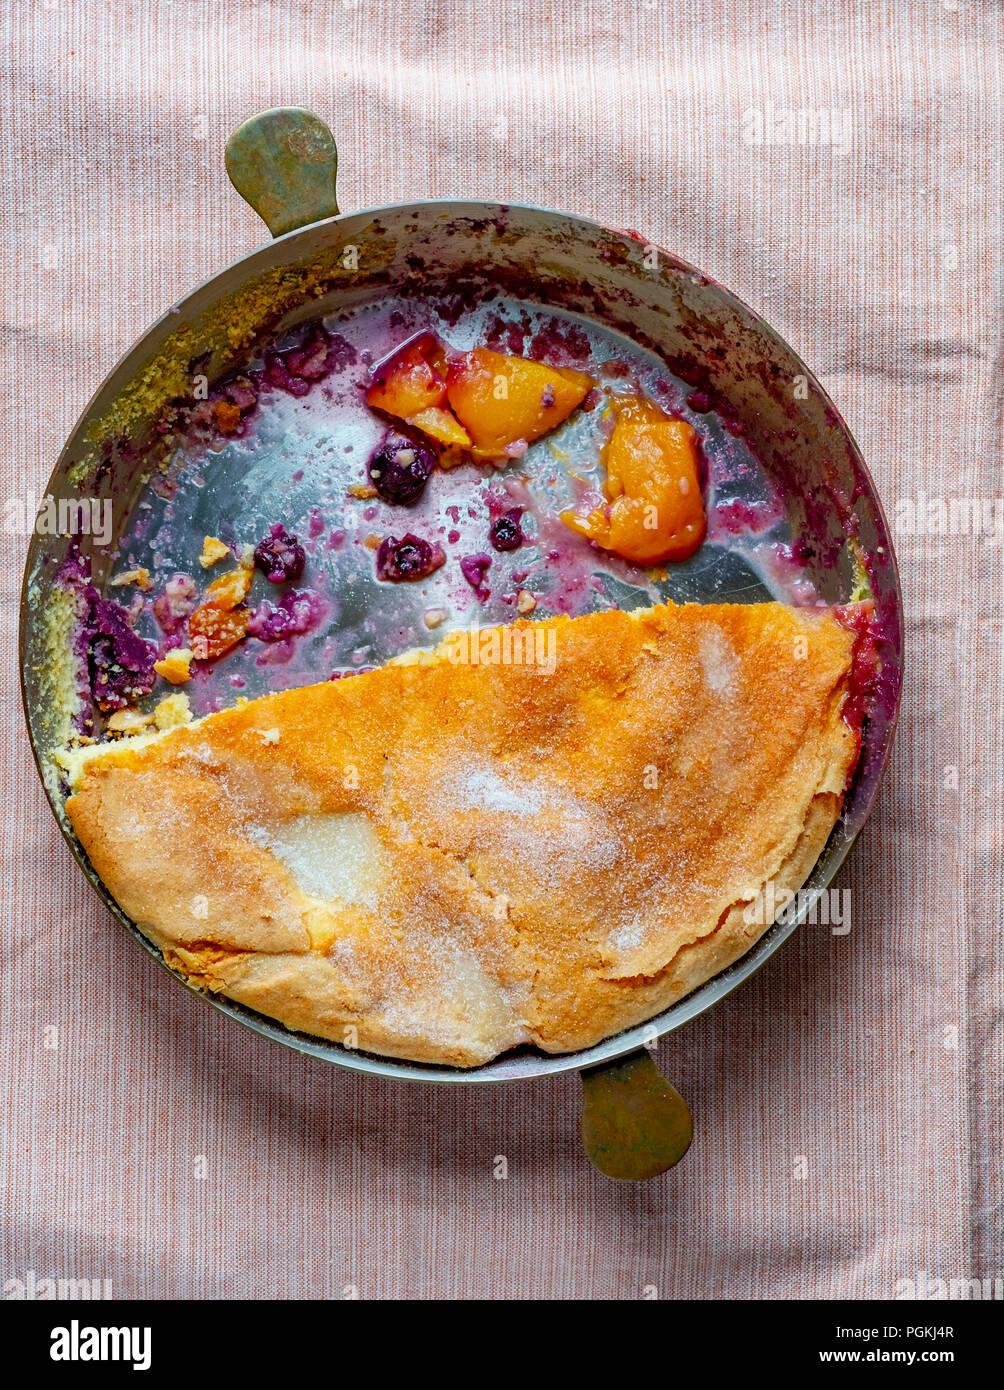 Pastel de fruta Imagen De Stock